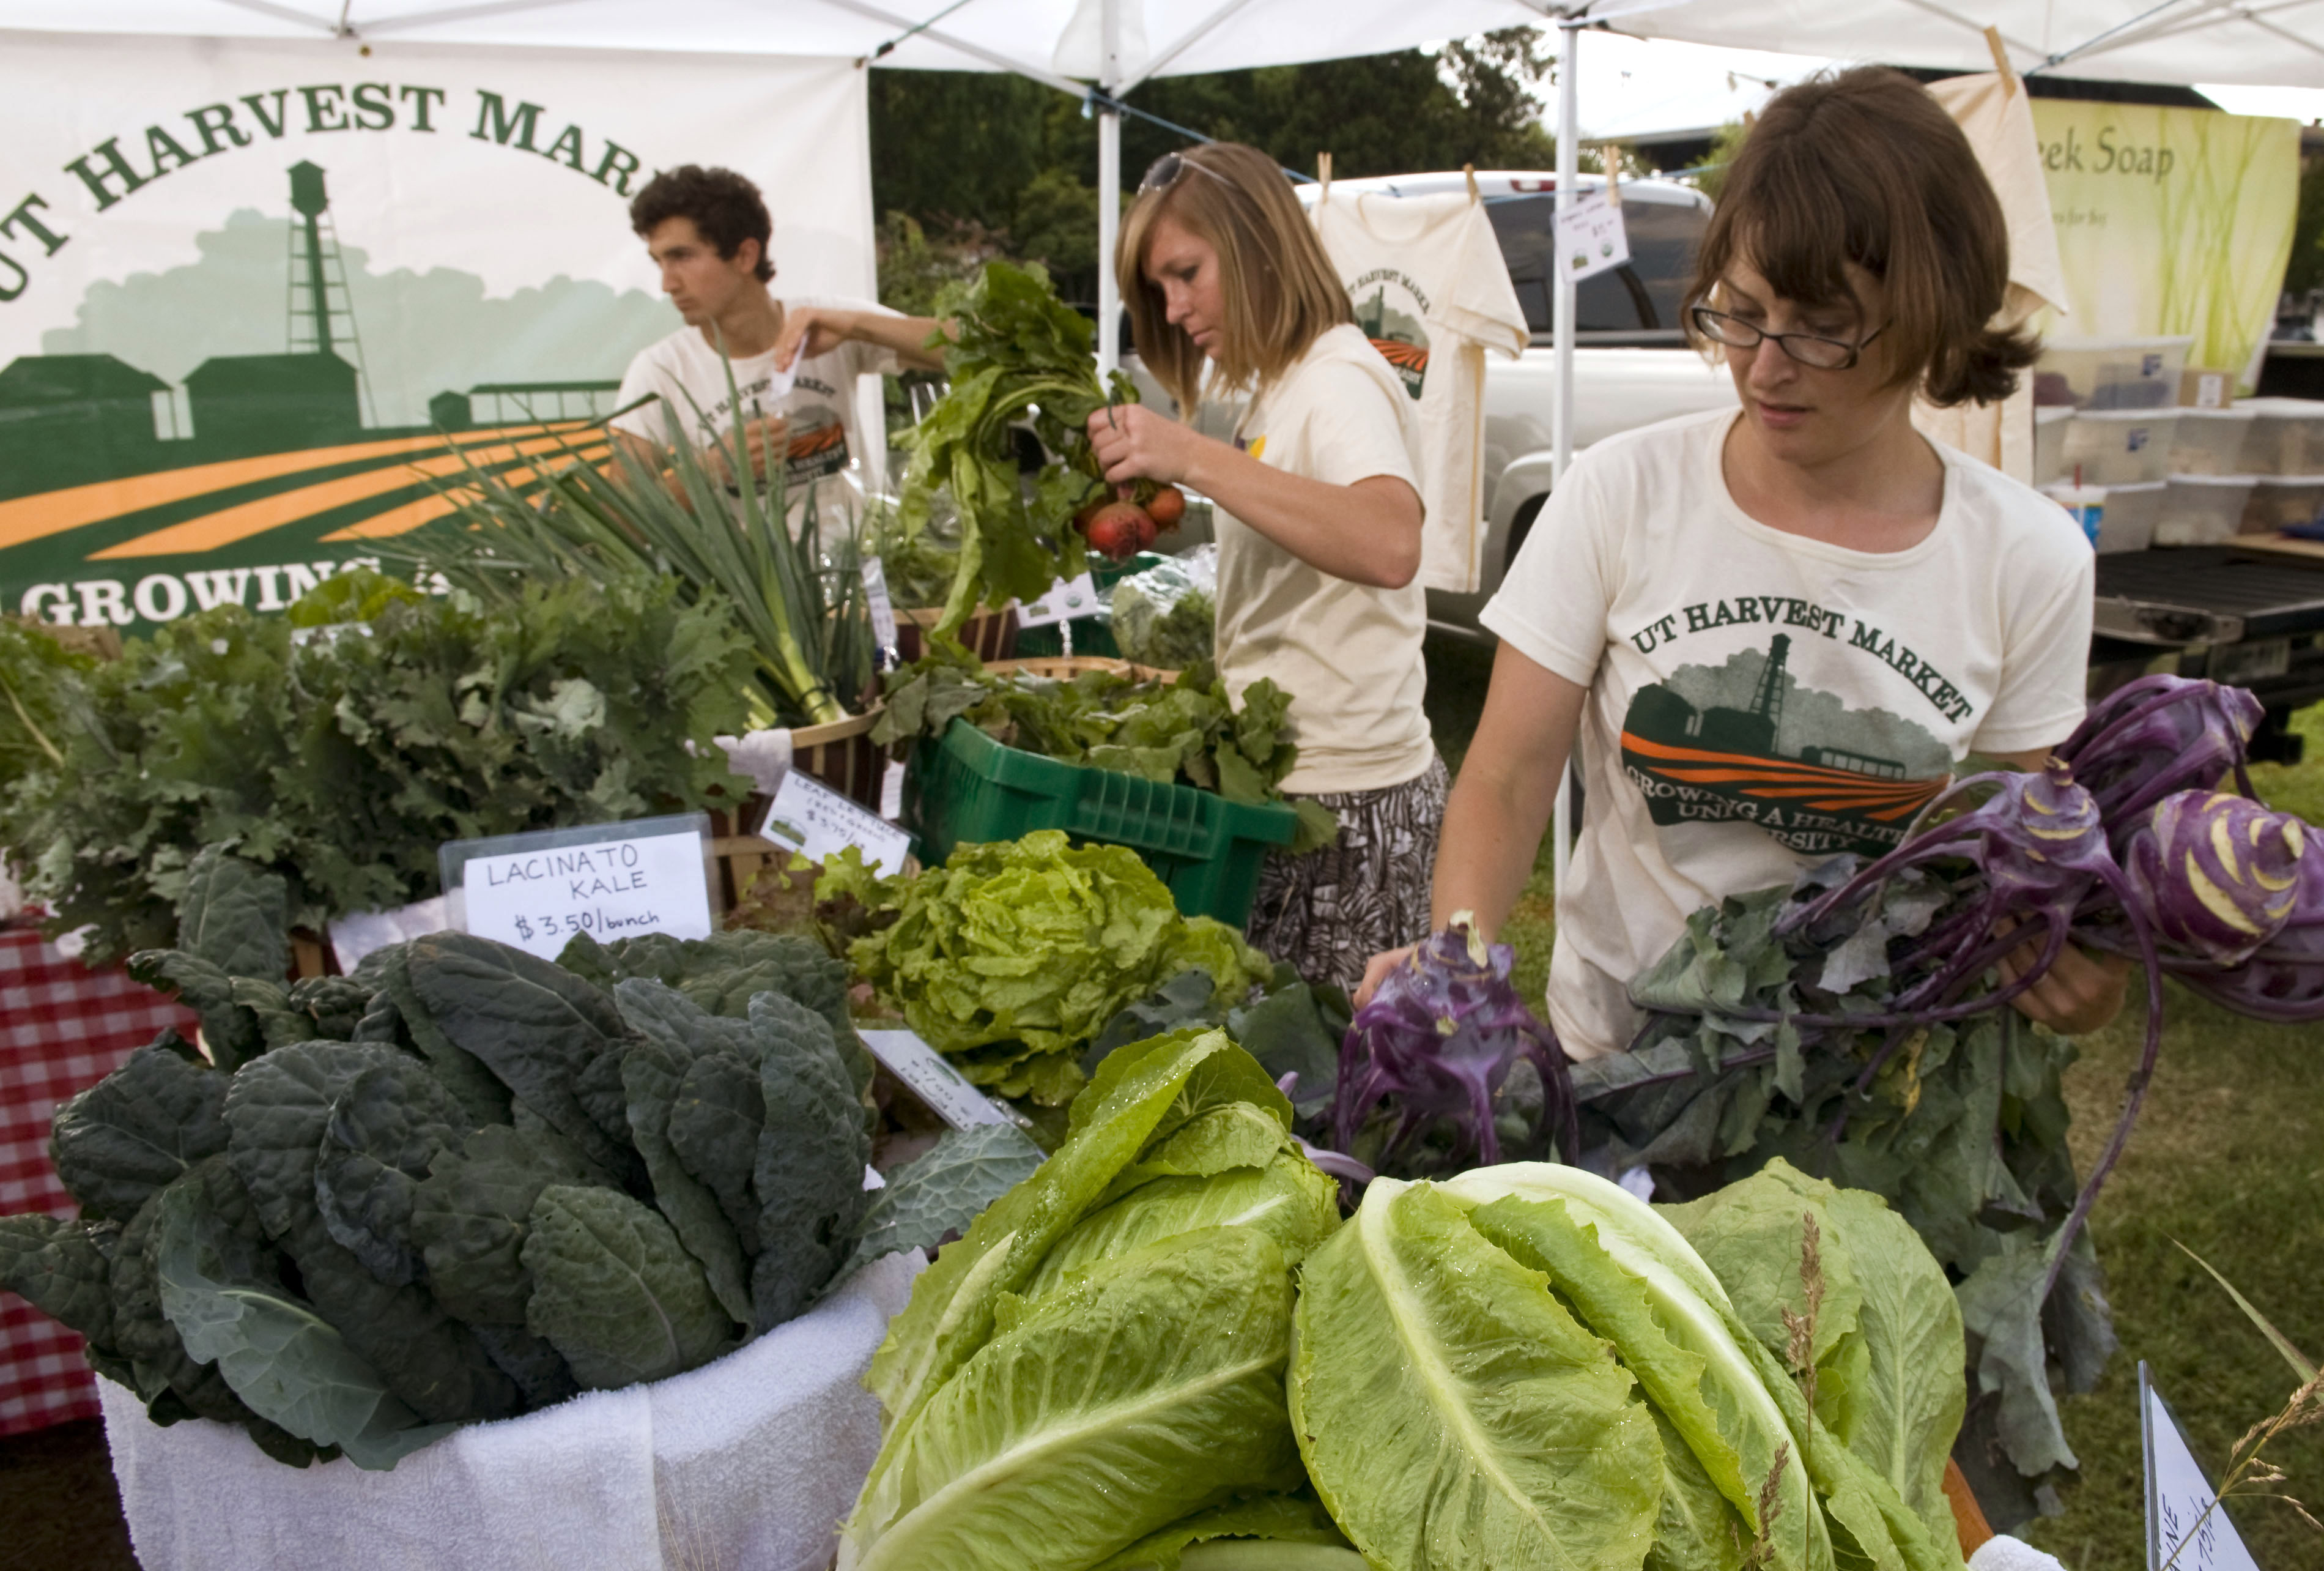 Trois personnes dans un stand à légumes, avec des légumes dans les mains (© AP Images)